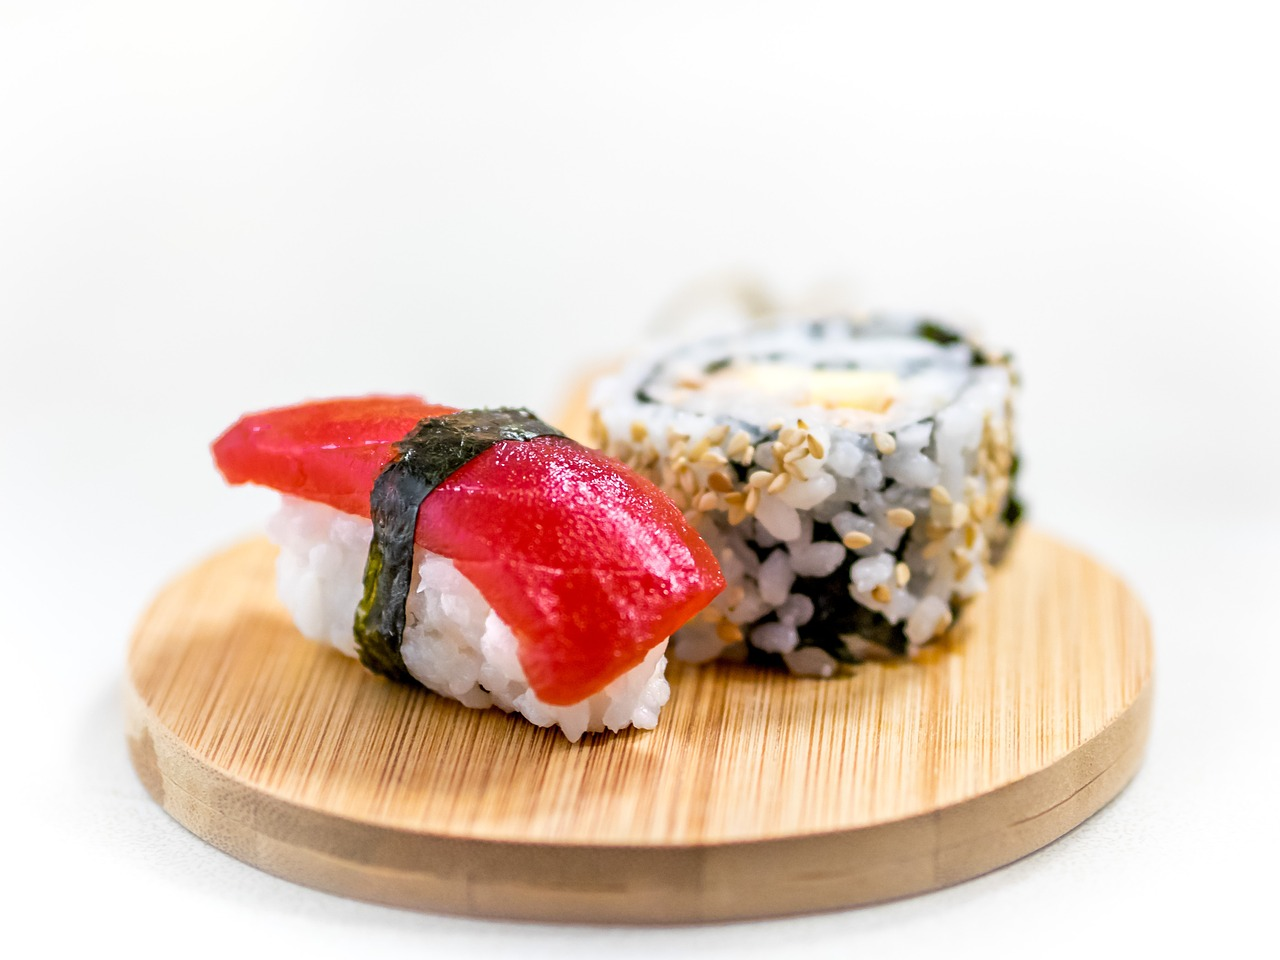 子供に人気の回転寿司チェーン店ランキング!家族連れにおすすめはどこの店?